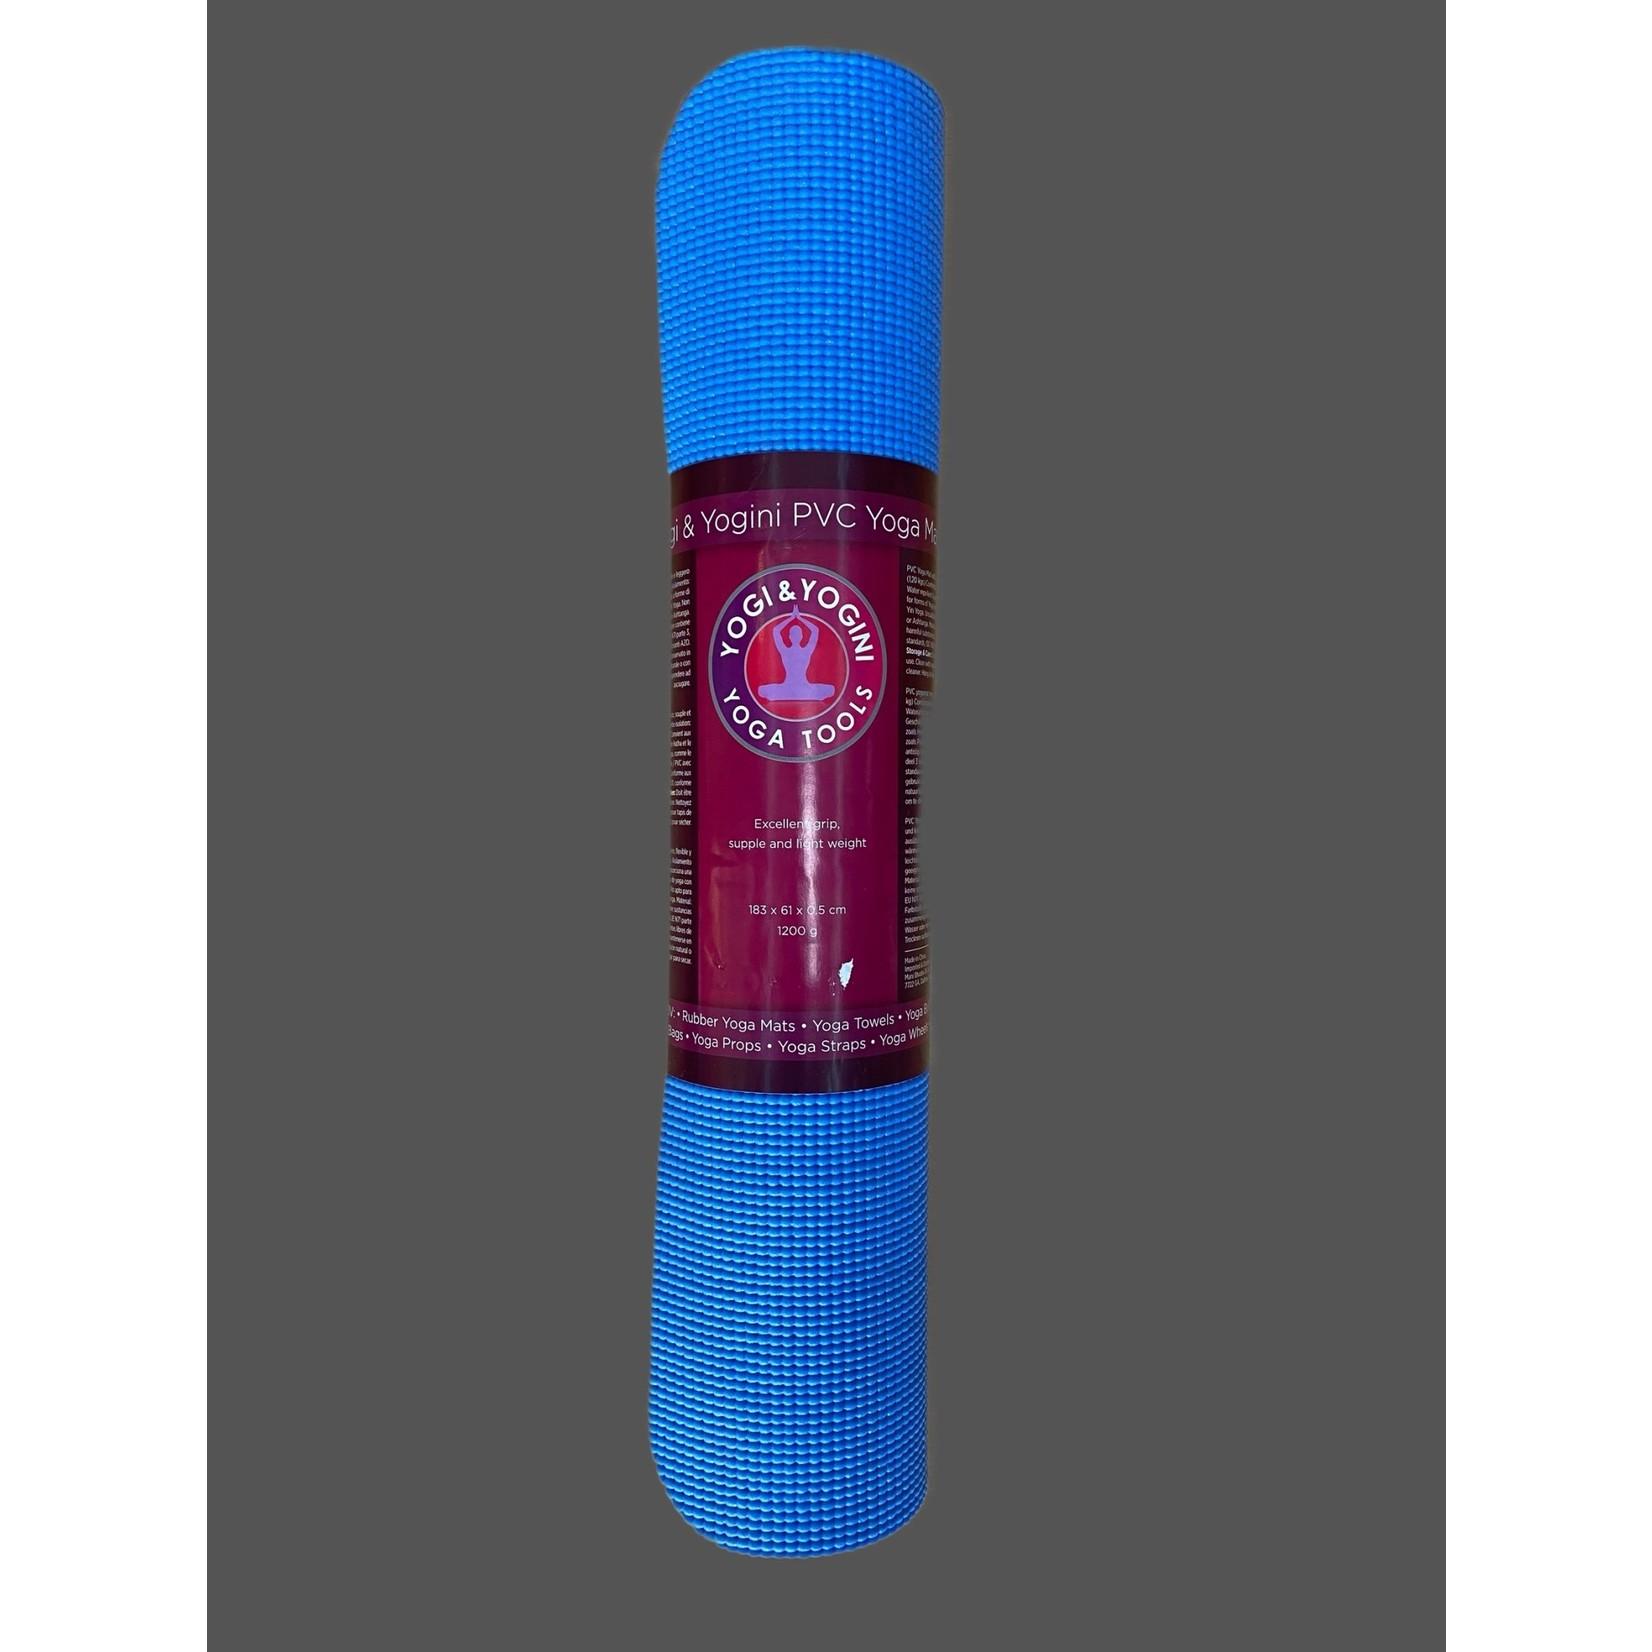 Estera de yoga PVC Yogi & Yogini azul 1200g; 61x183x0.5cm